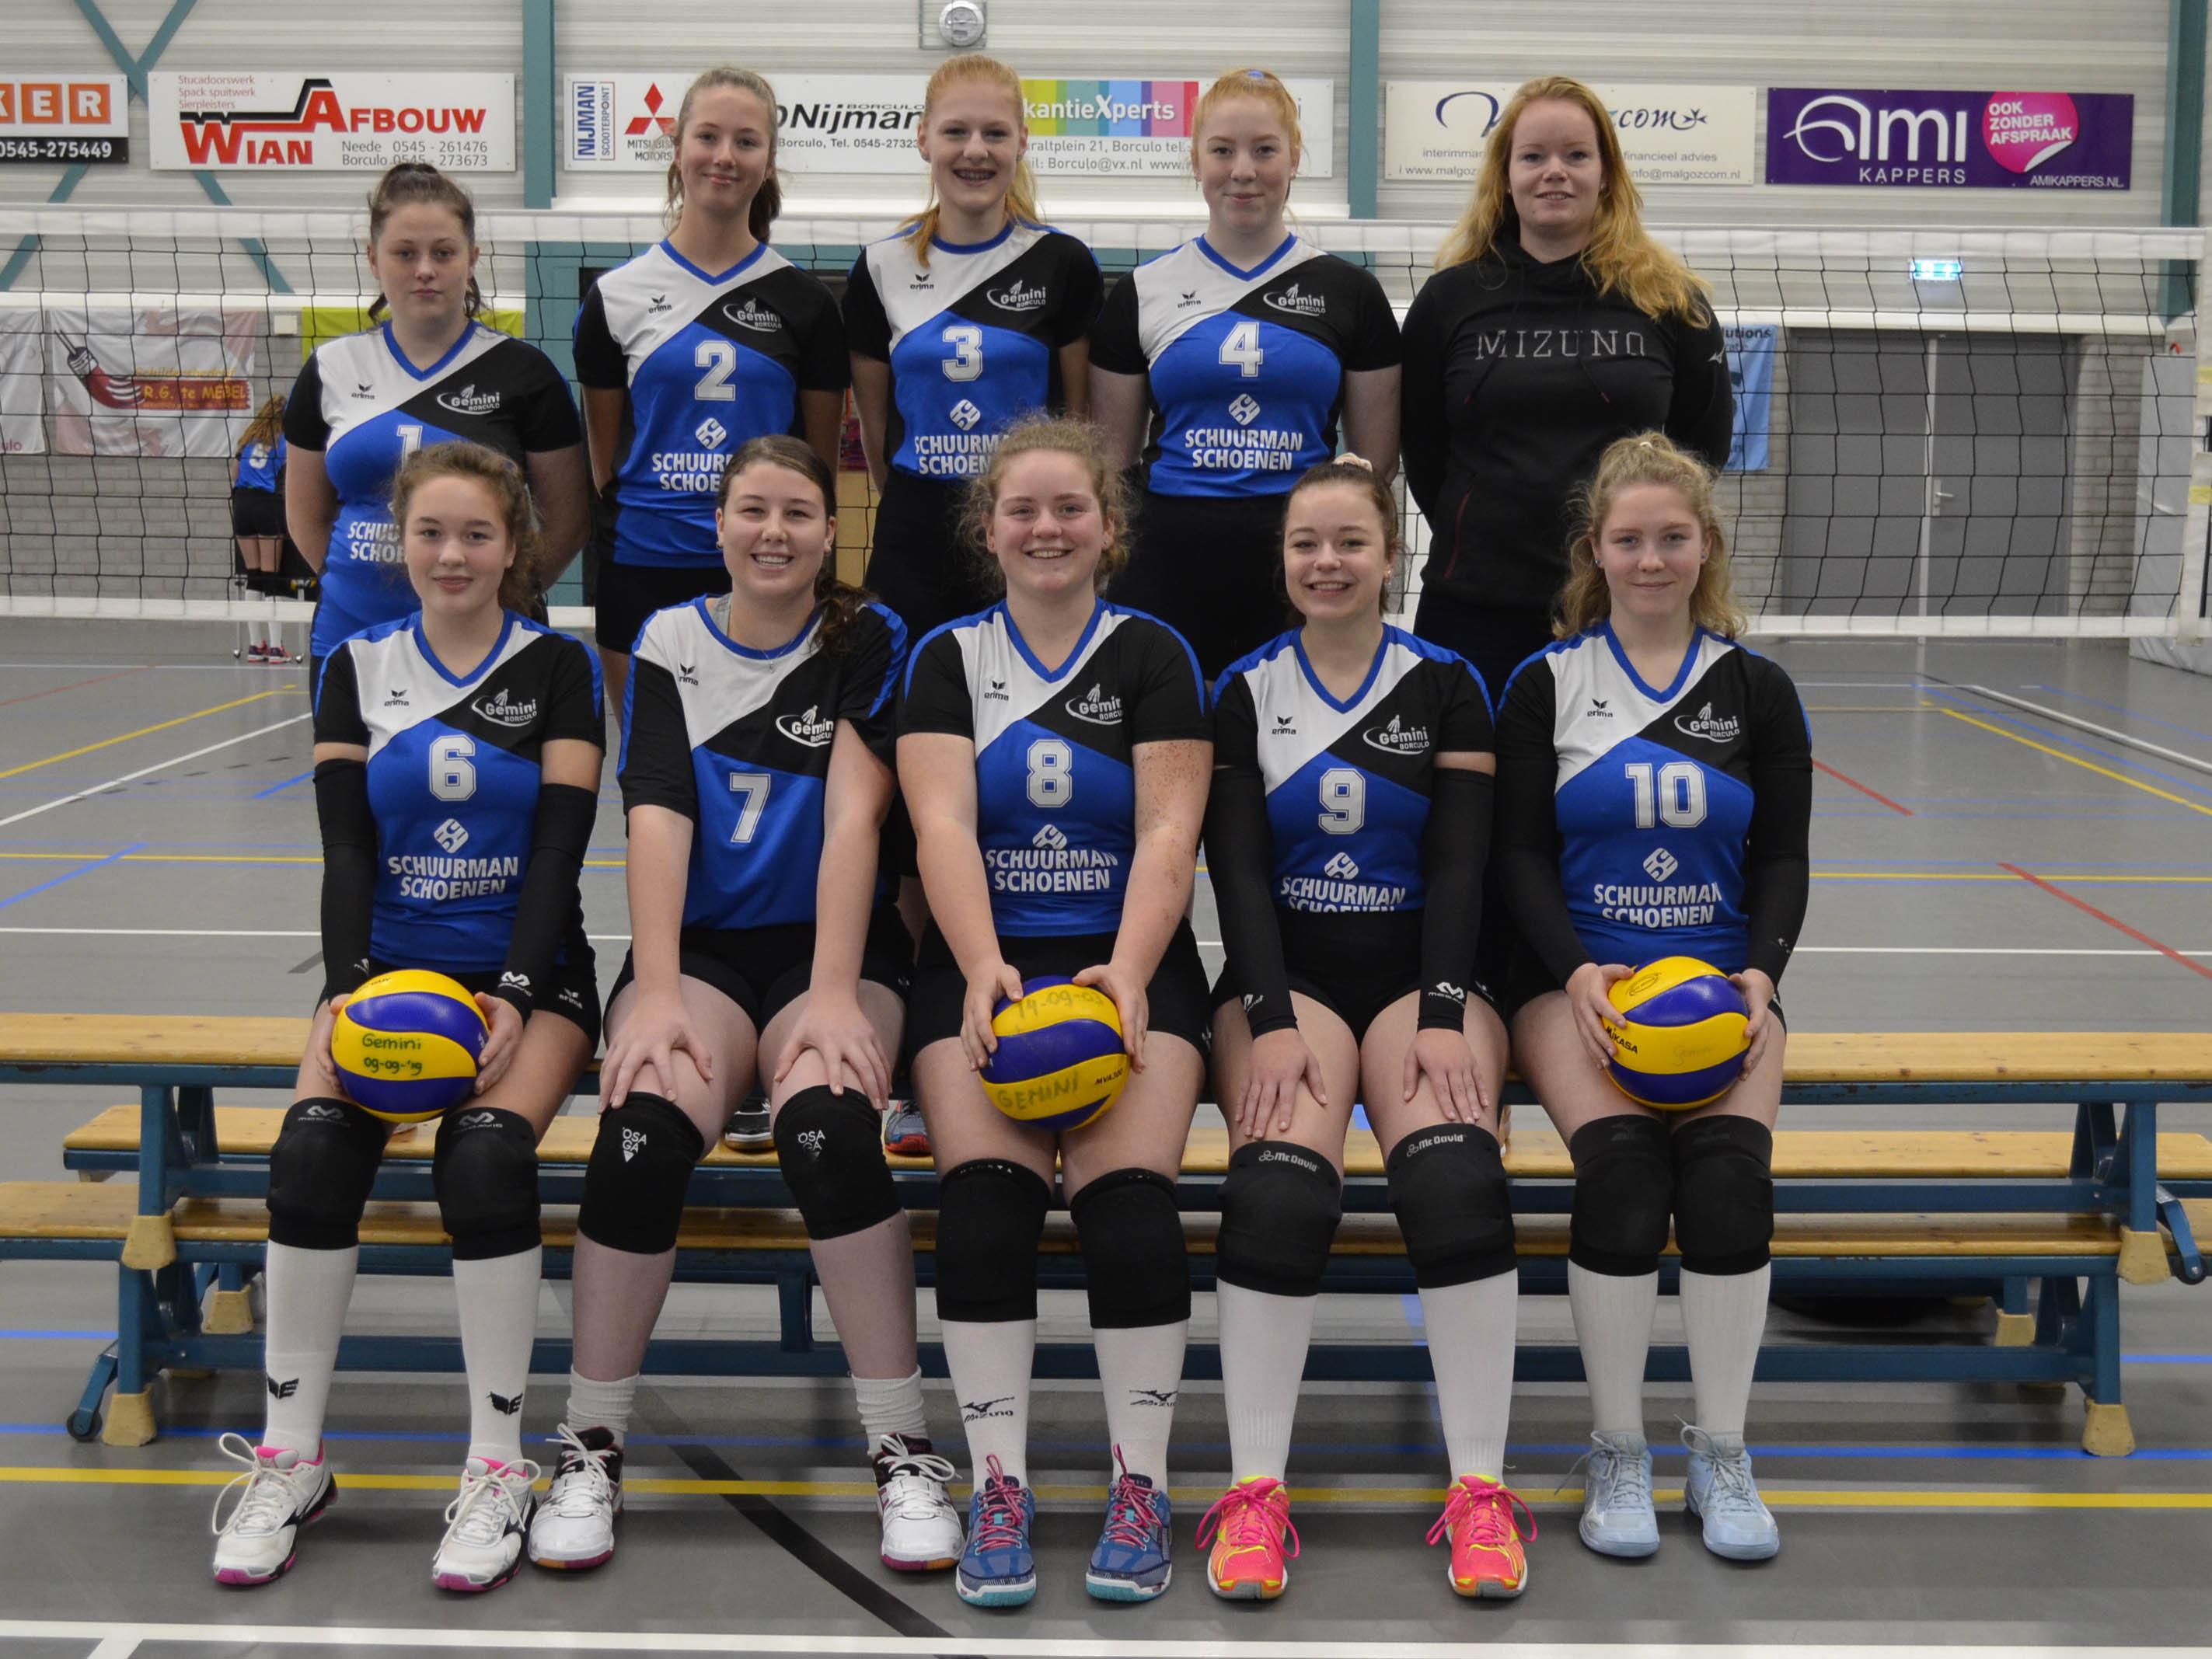 Gemini Borculo - Team Meisjes A1